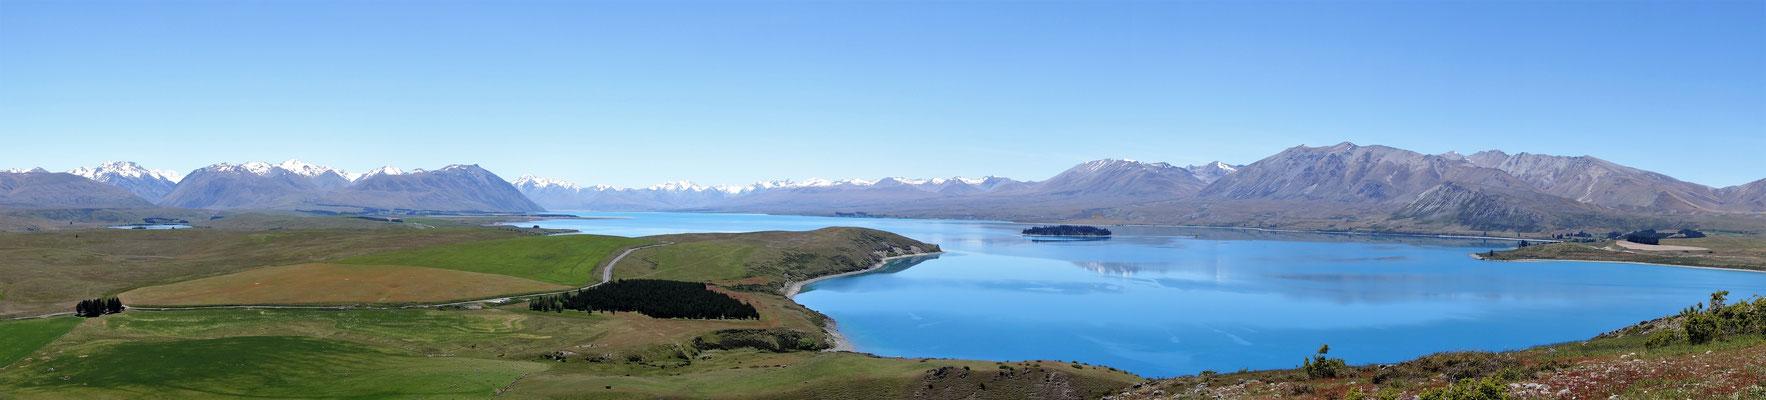 Lac Tekapo vu depuis Mount John